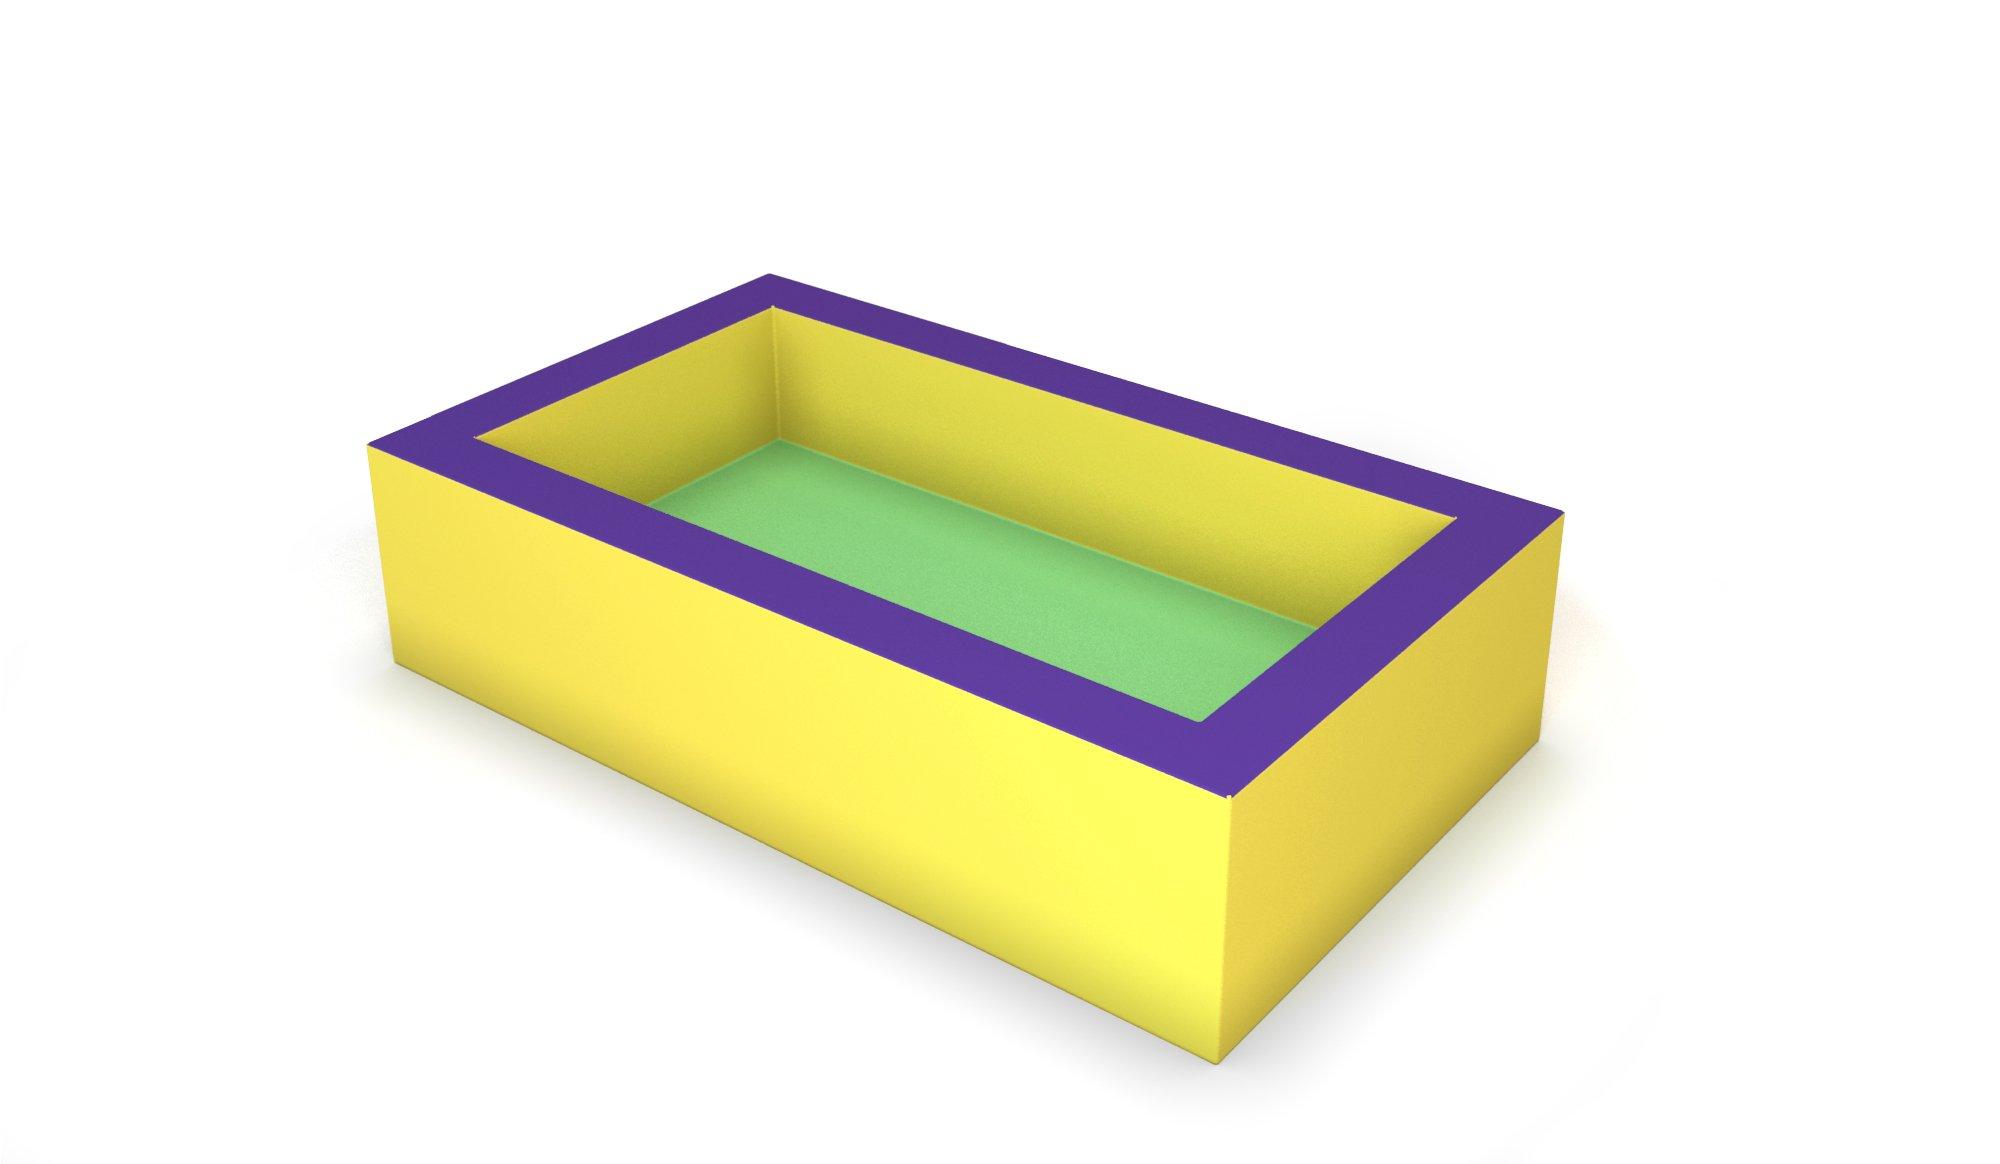 lit tout mousse 100 avec matelas 120 x 70 x 30 cm ref. Black Bedroom Furniture Sets. Home Design Ideas